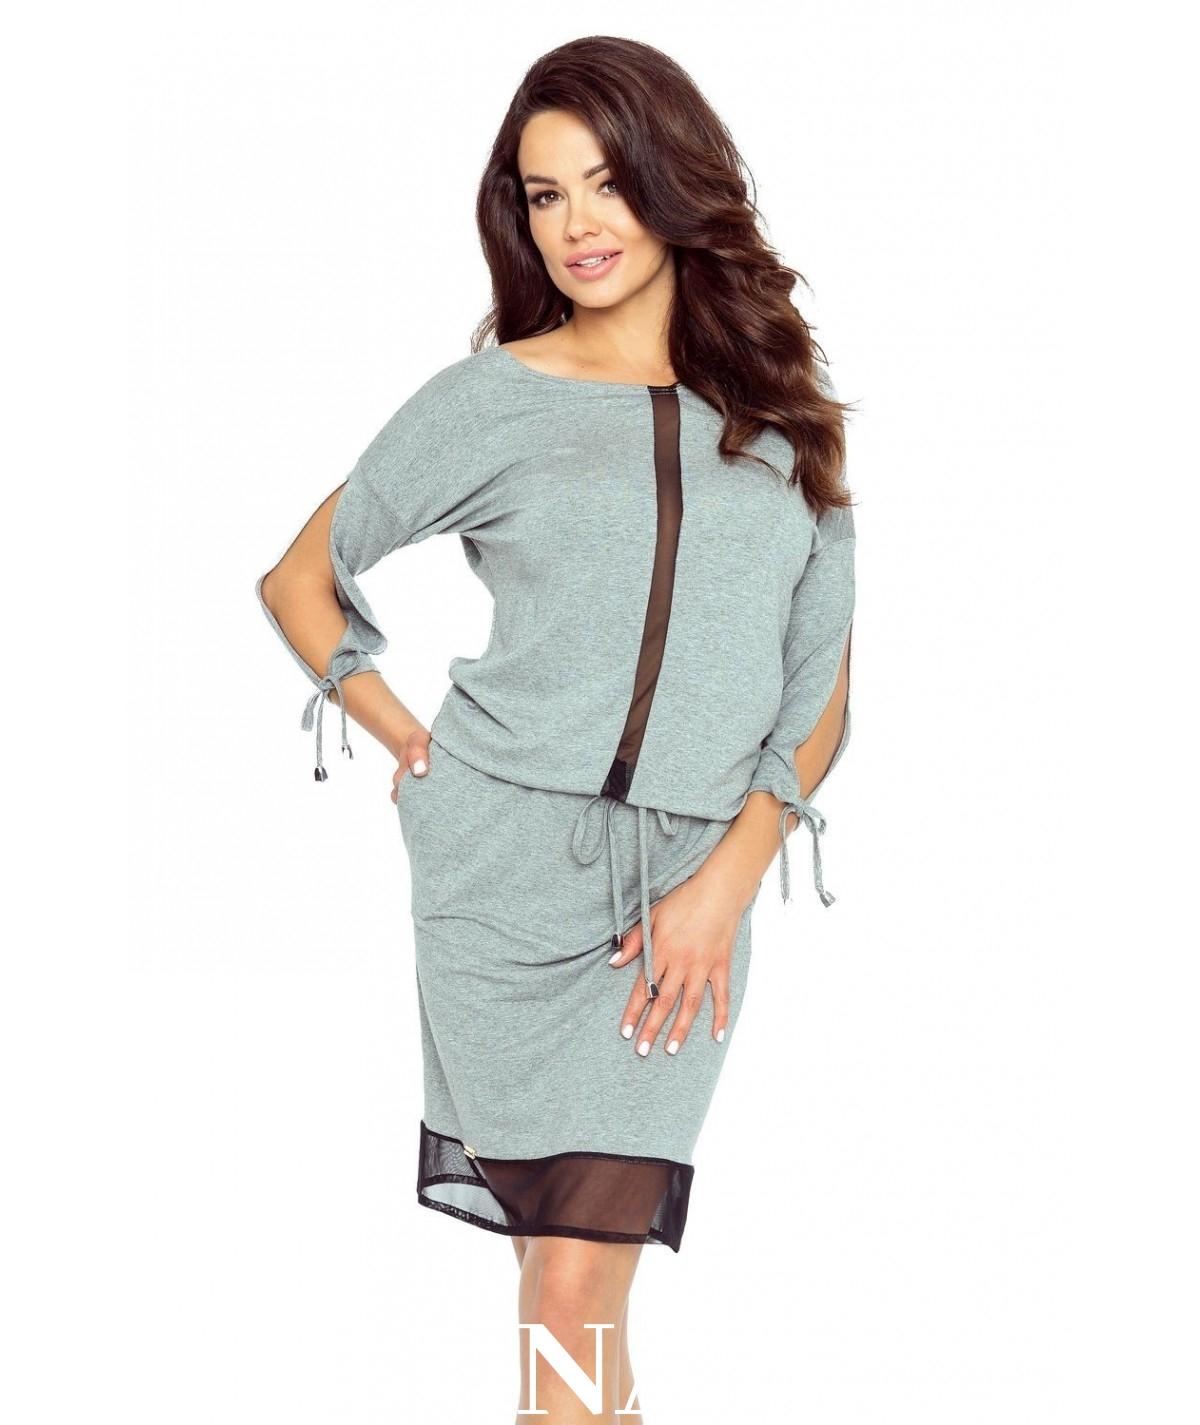 doapsowana sukienka z tiulem - varia - szara